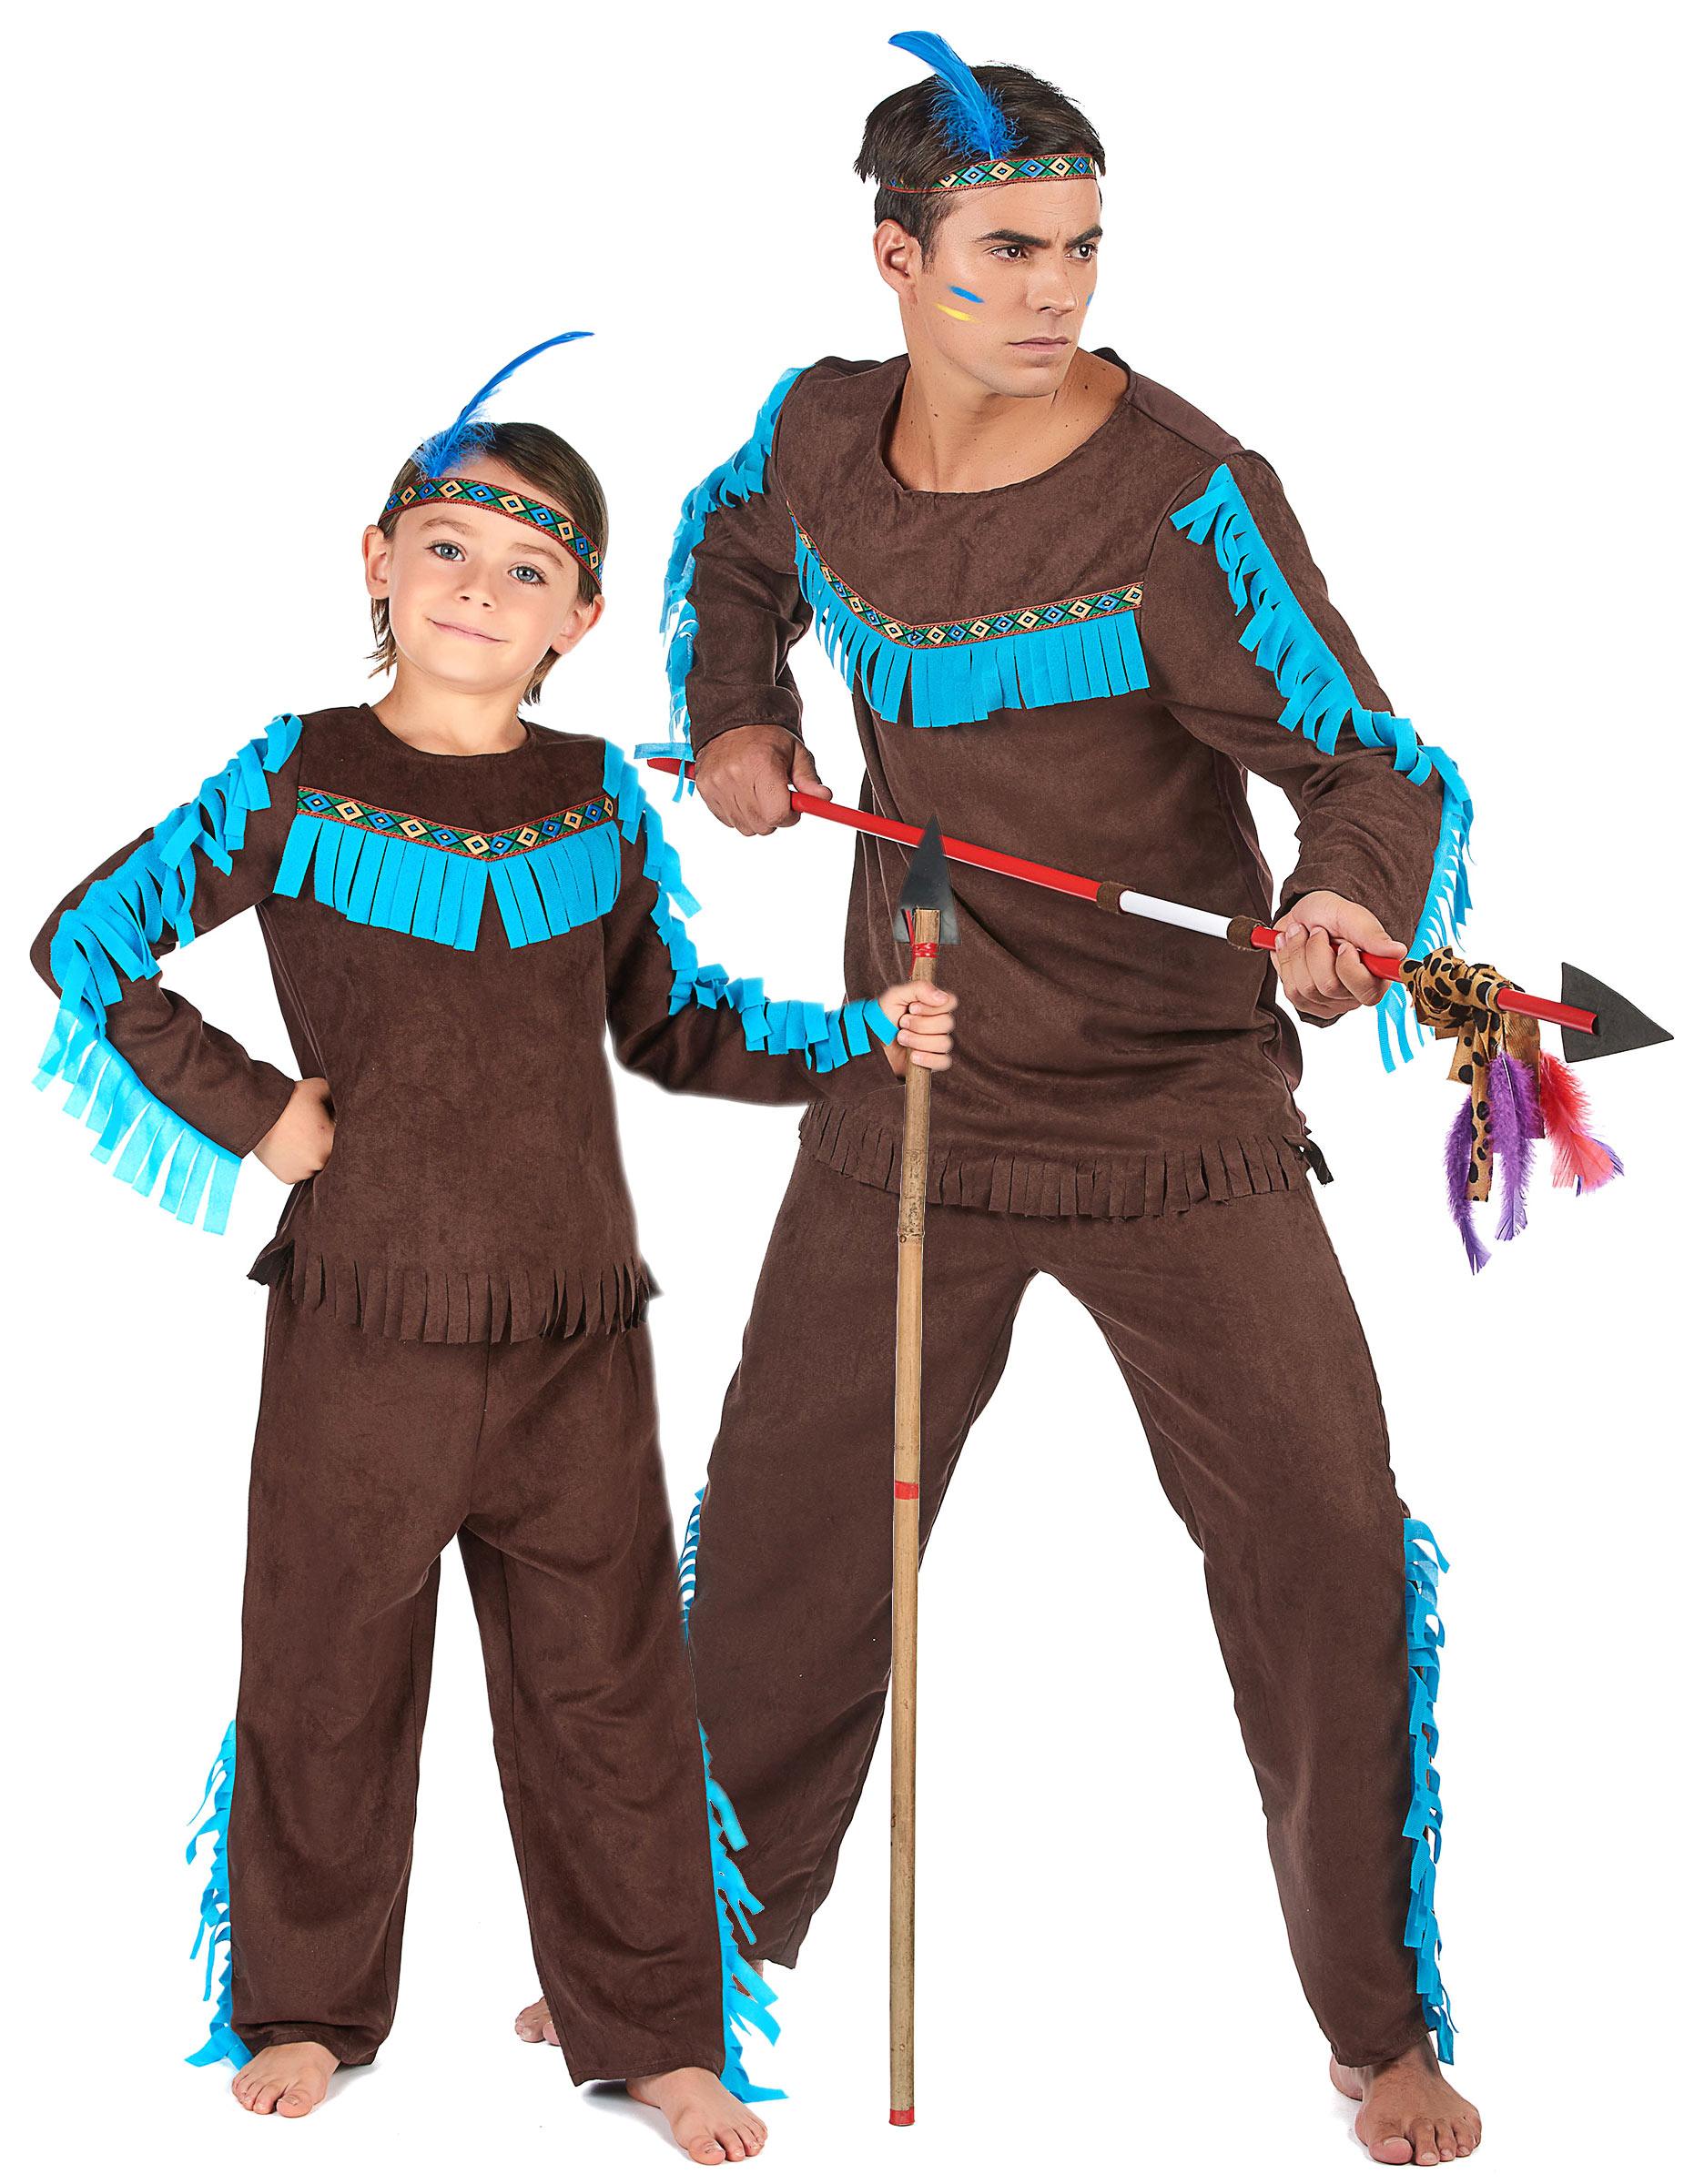 Jagande indianer - Pardräkt för vuxna och barn 91eaebaea2e2c